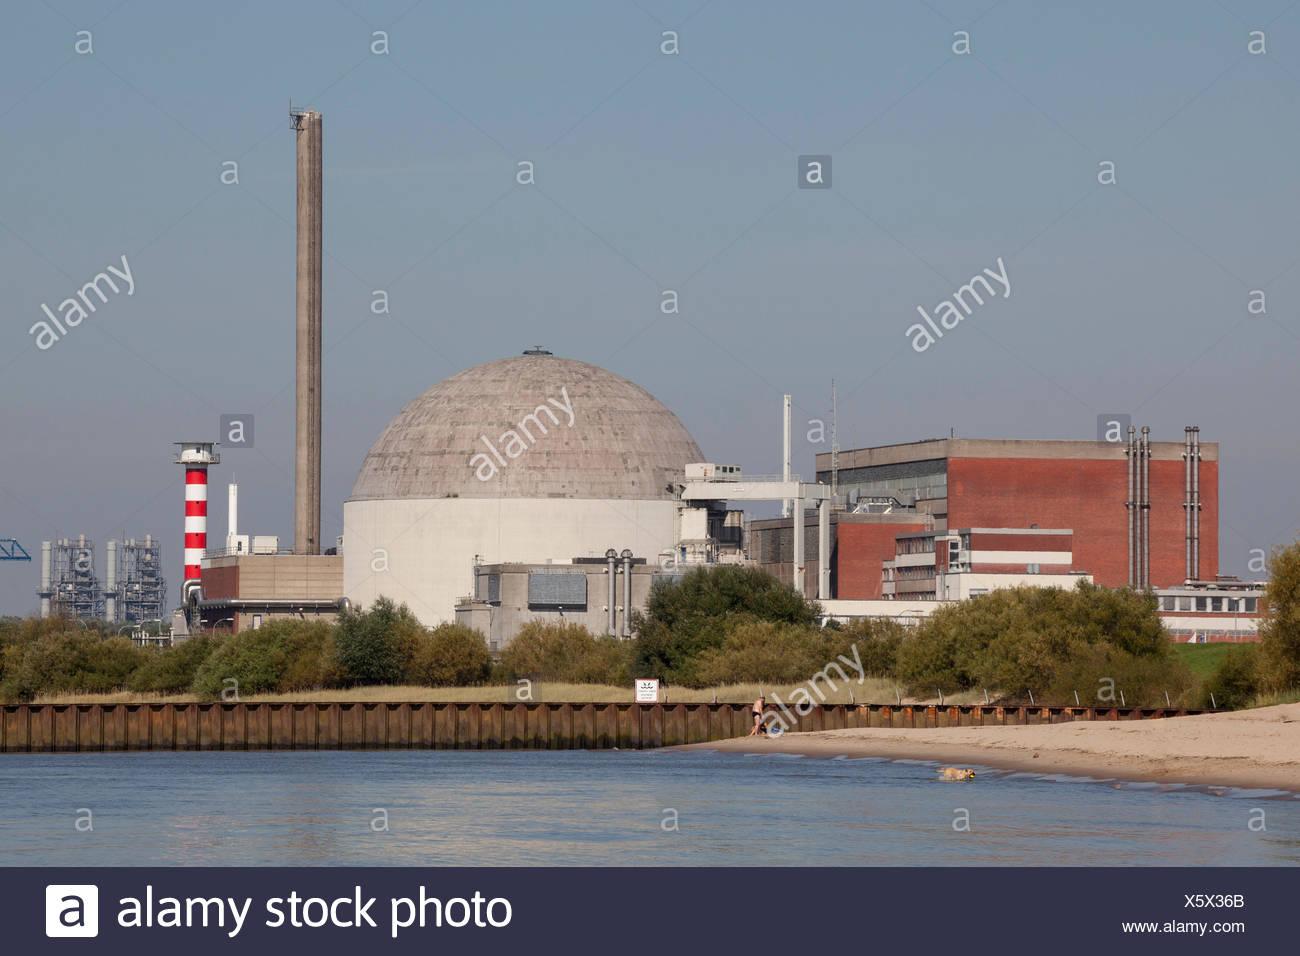 Kernkraftwerk Stade, KKS, nuclear power plant, Elbe, Lower Saxony, Germany - Stock Image